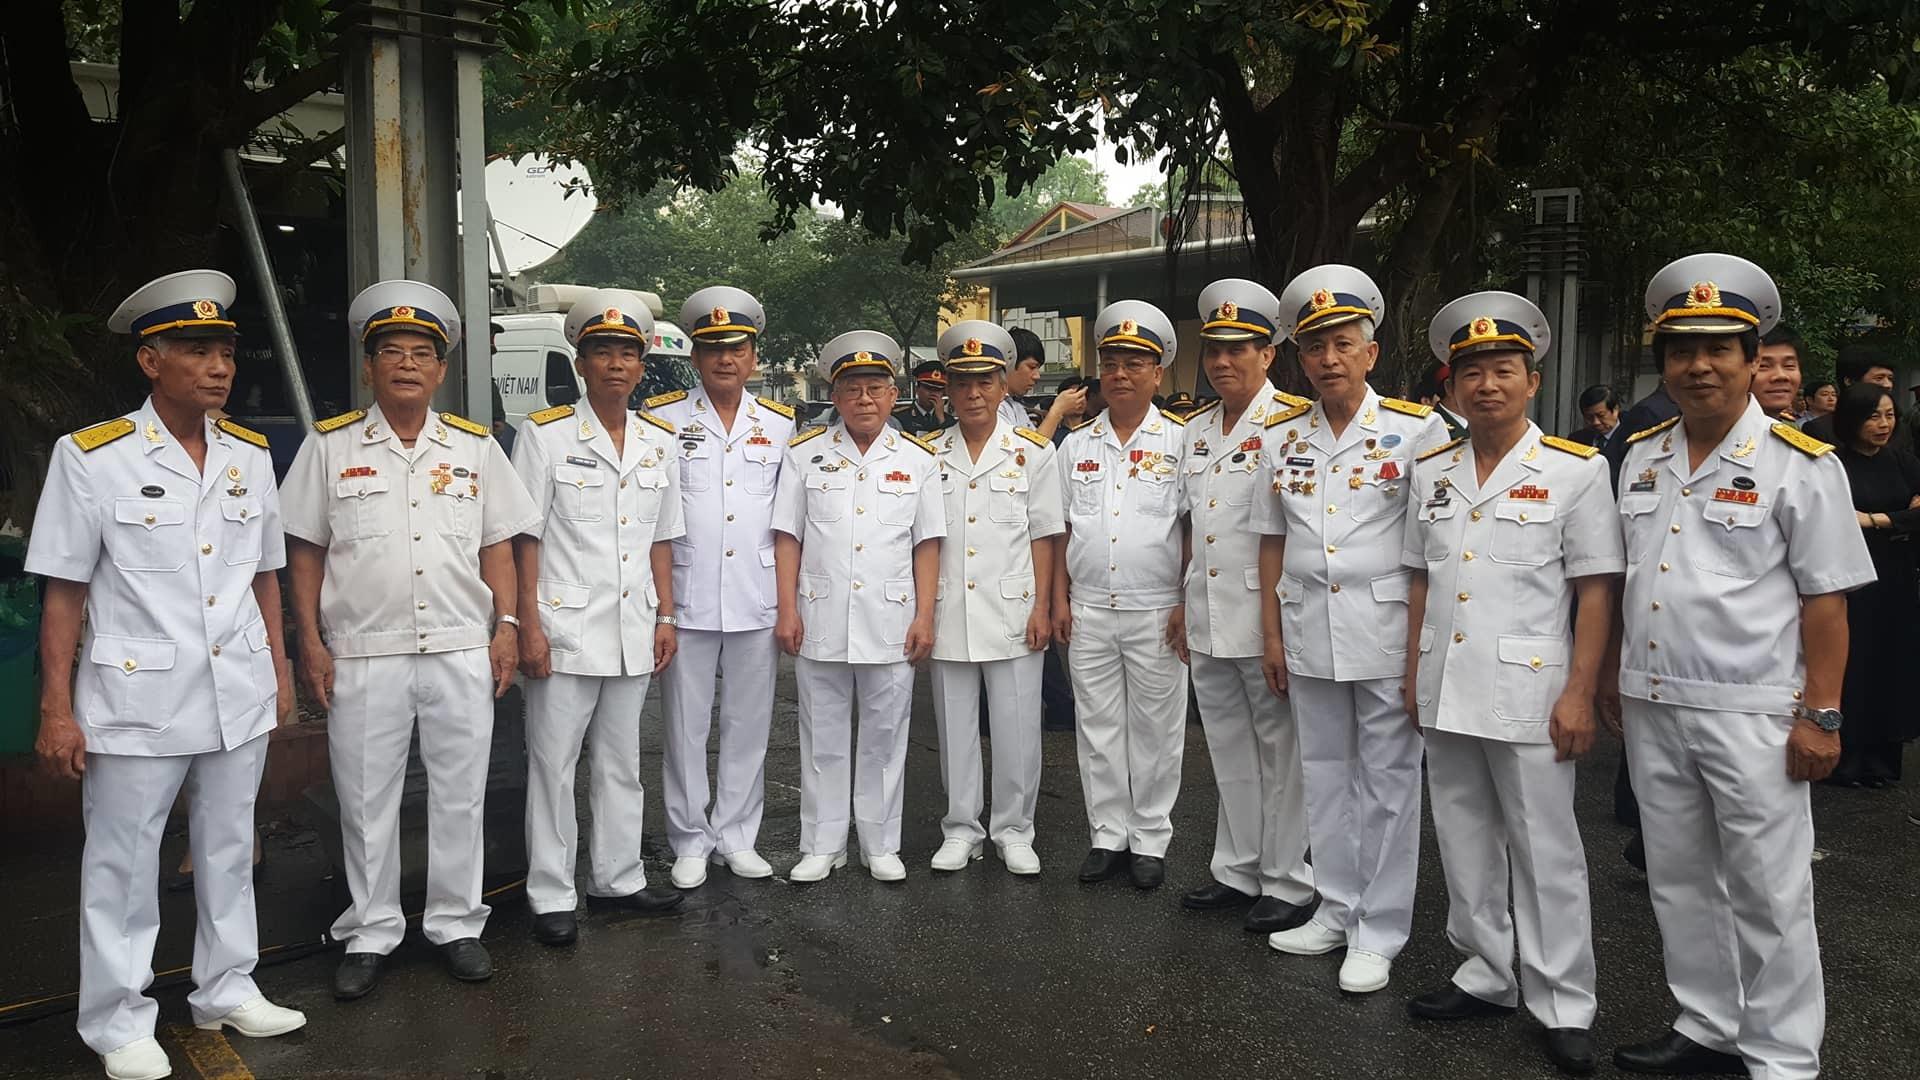 Lính tàu không số kể chuyến vượt biển đưa ông Lê Đức Anh Nam tiến